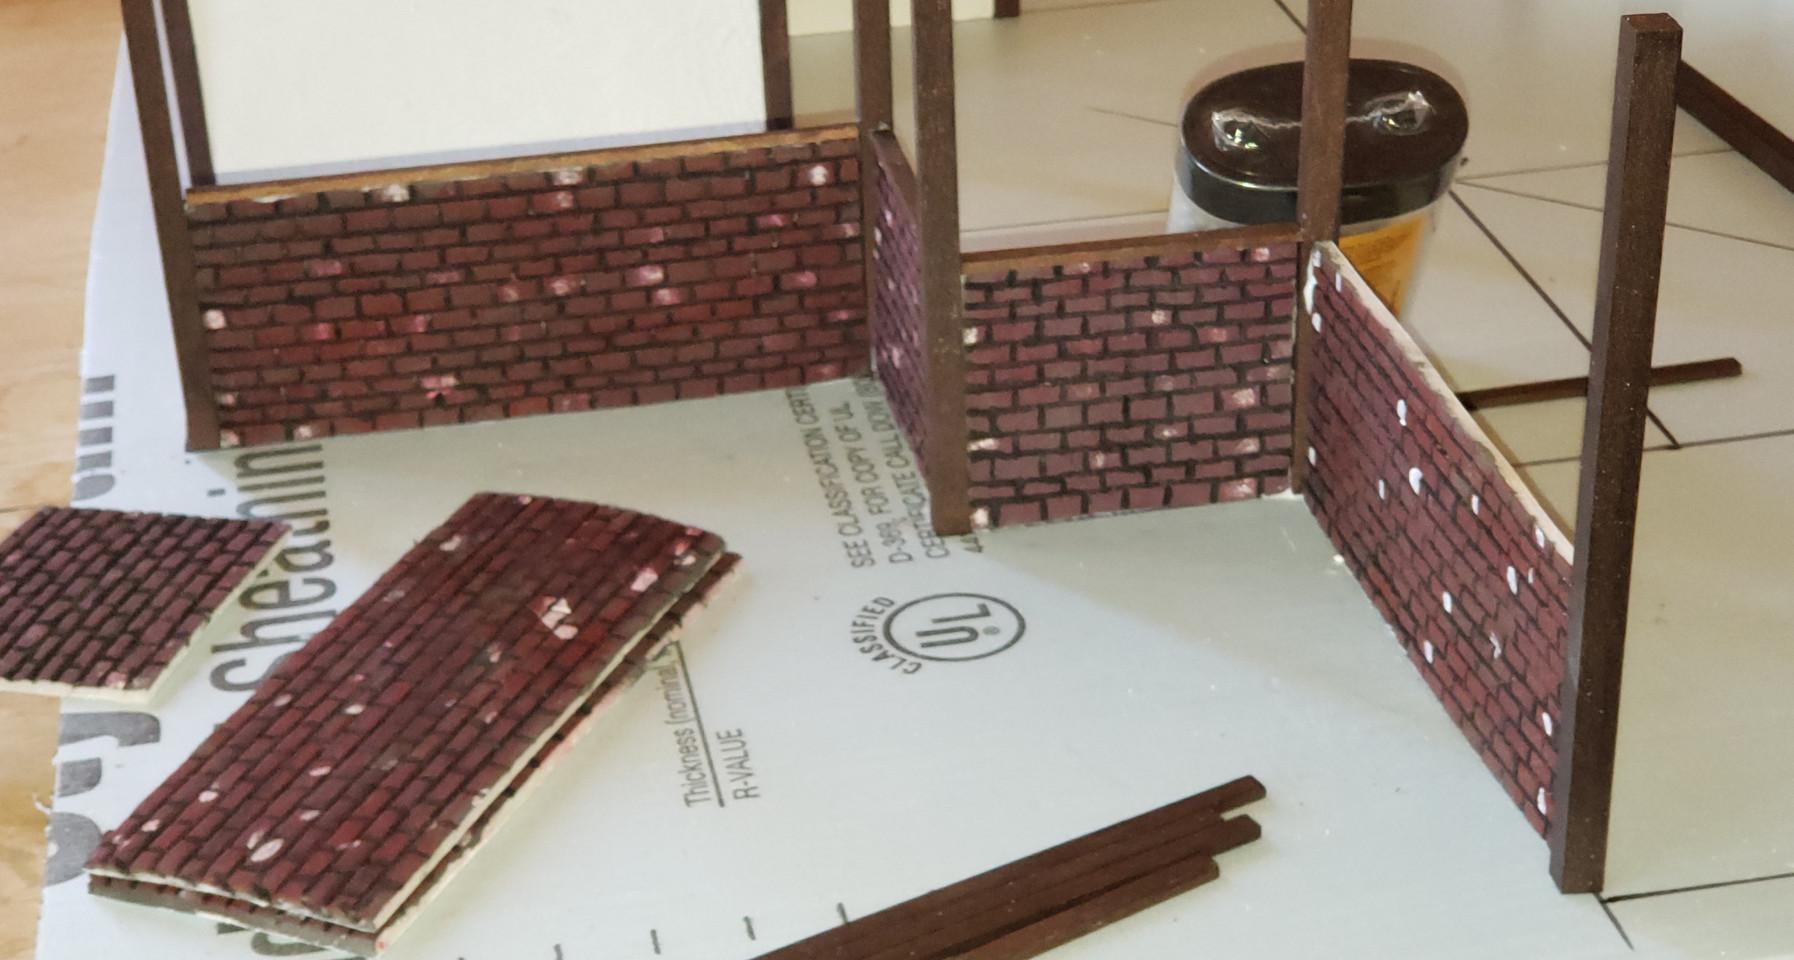 SC-Brickwall Build 1.jpg